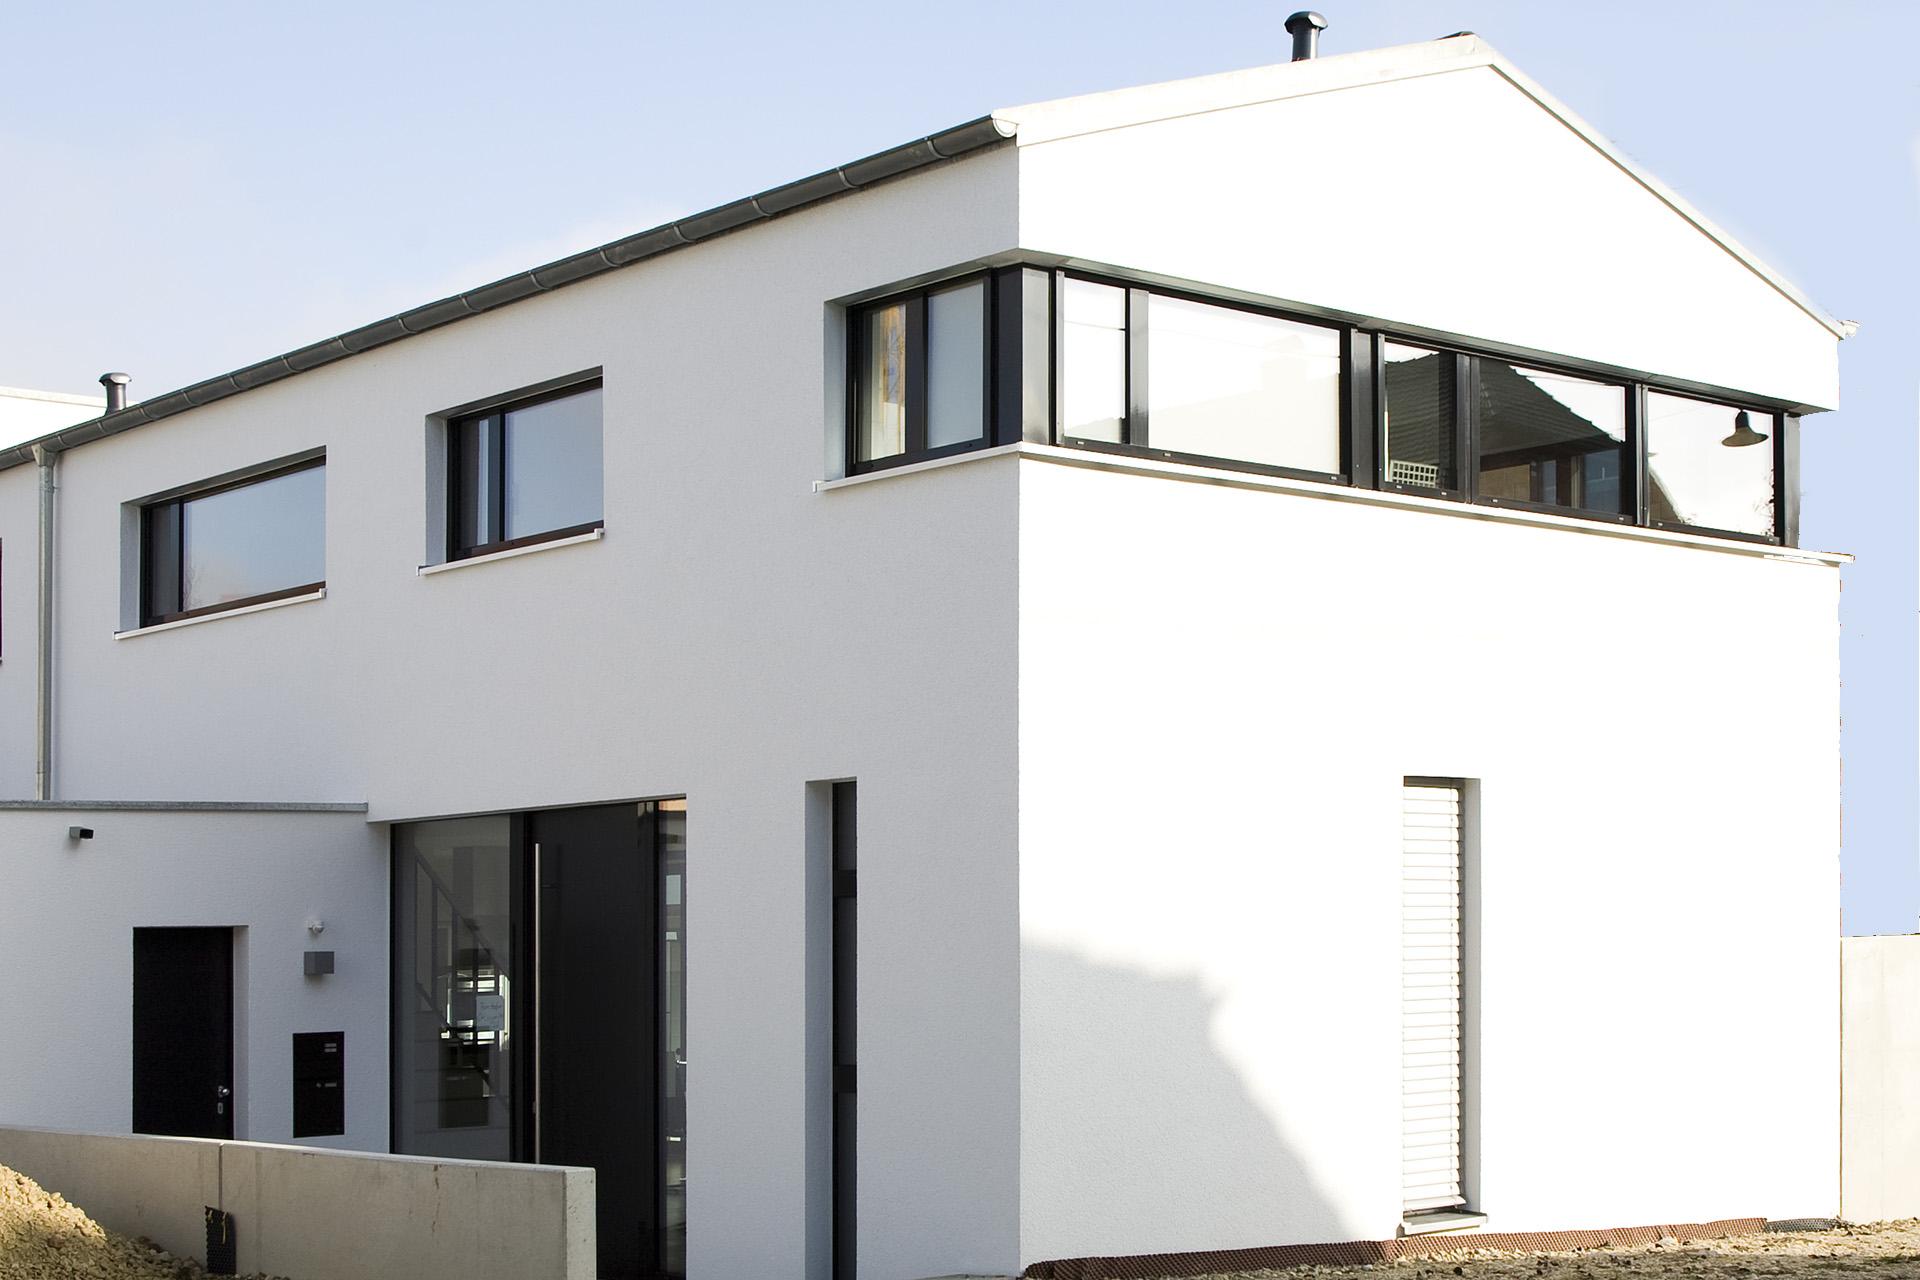 Neubau einfamilienhaus h hrbbauwerk gbr for Raumaufteilung einfamilienhaus neubau